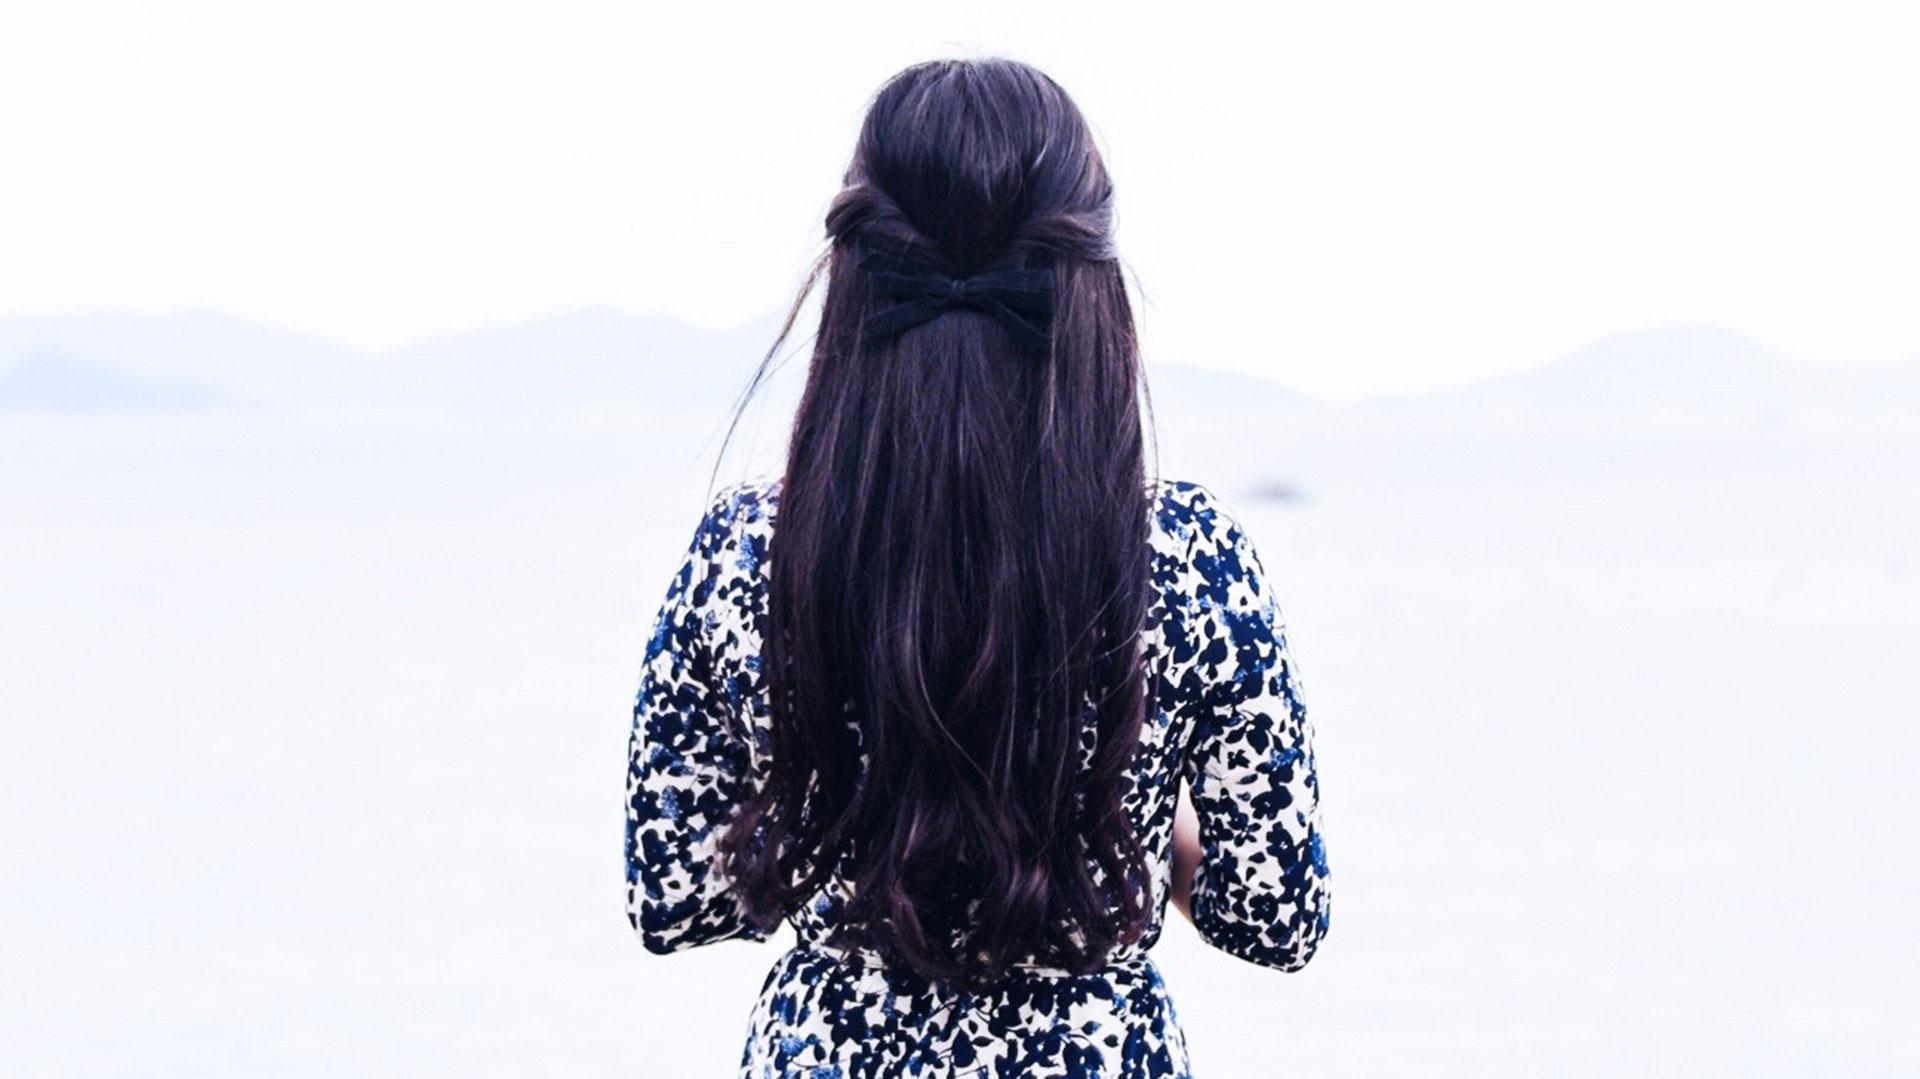 Wunderschone Frisuren Fur Lange Haare Die Ganz Einfach Nachzumachen